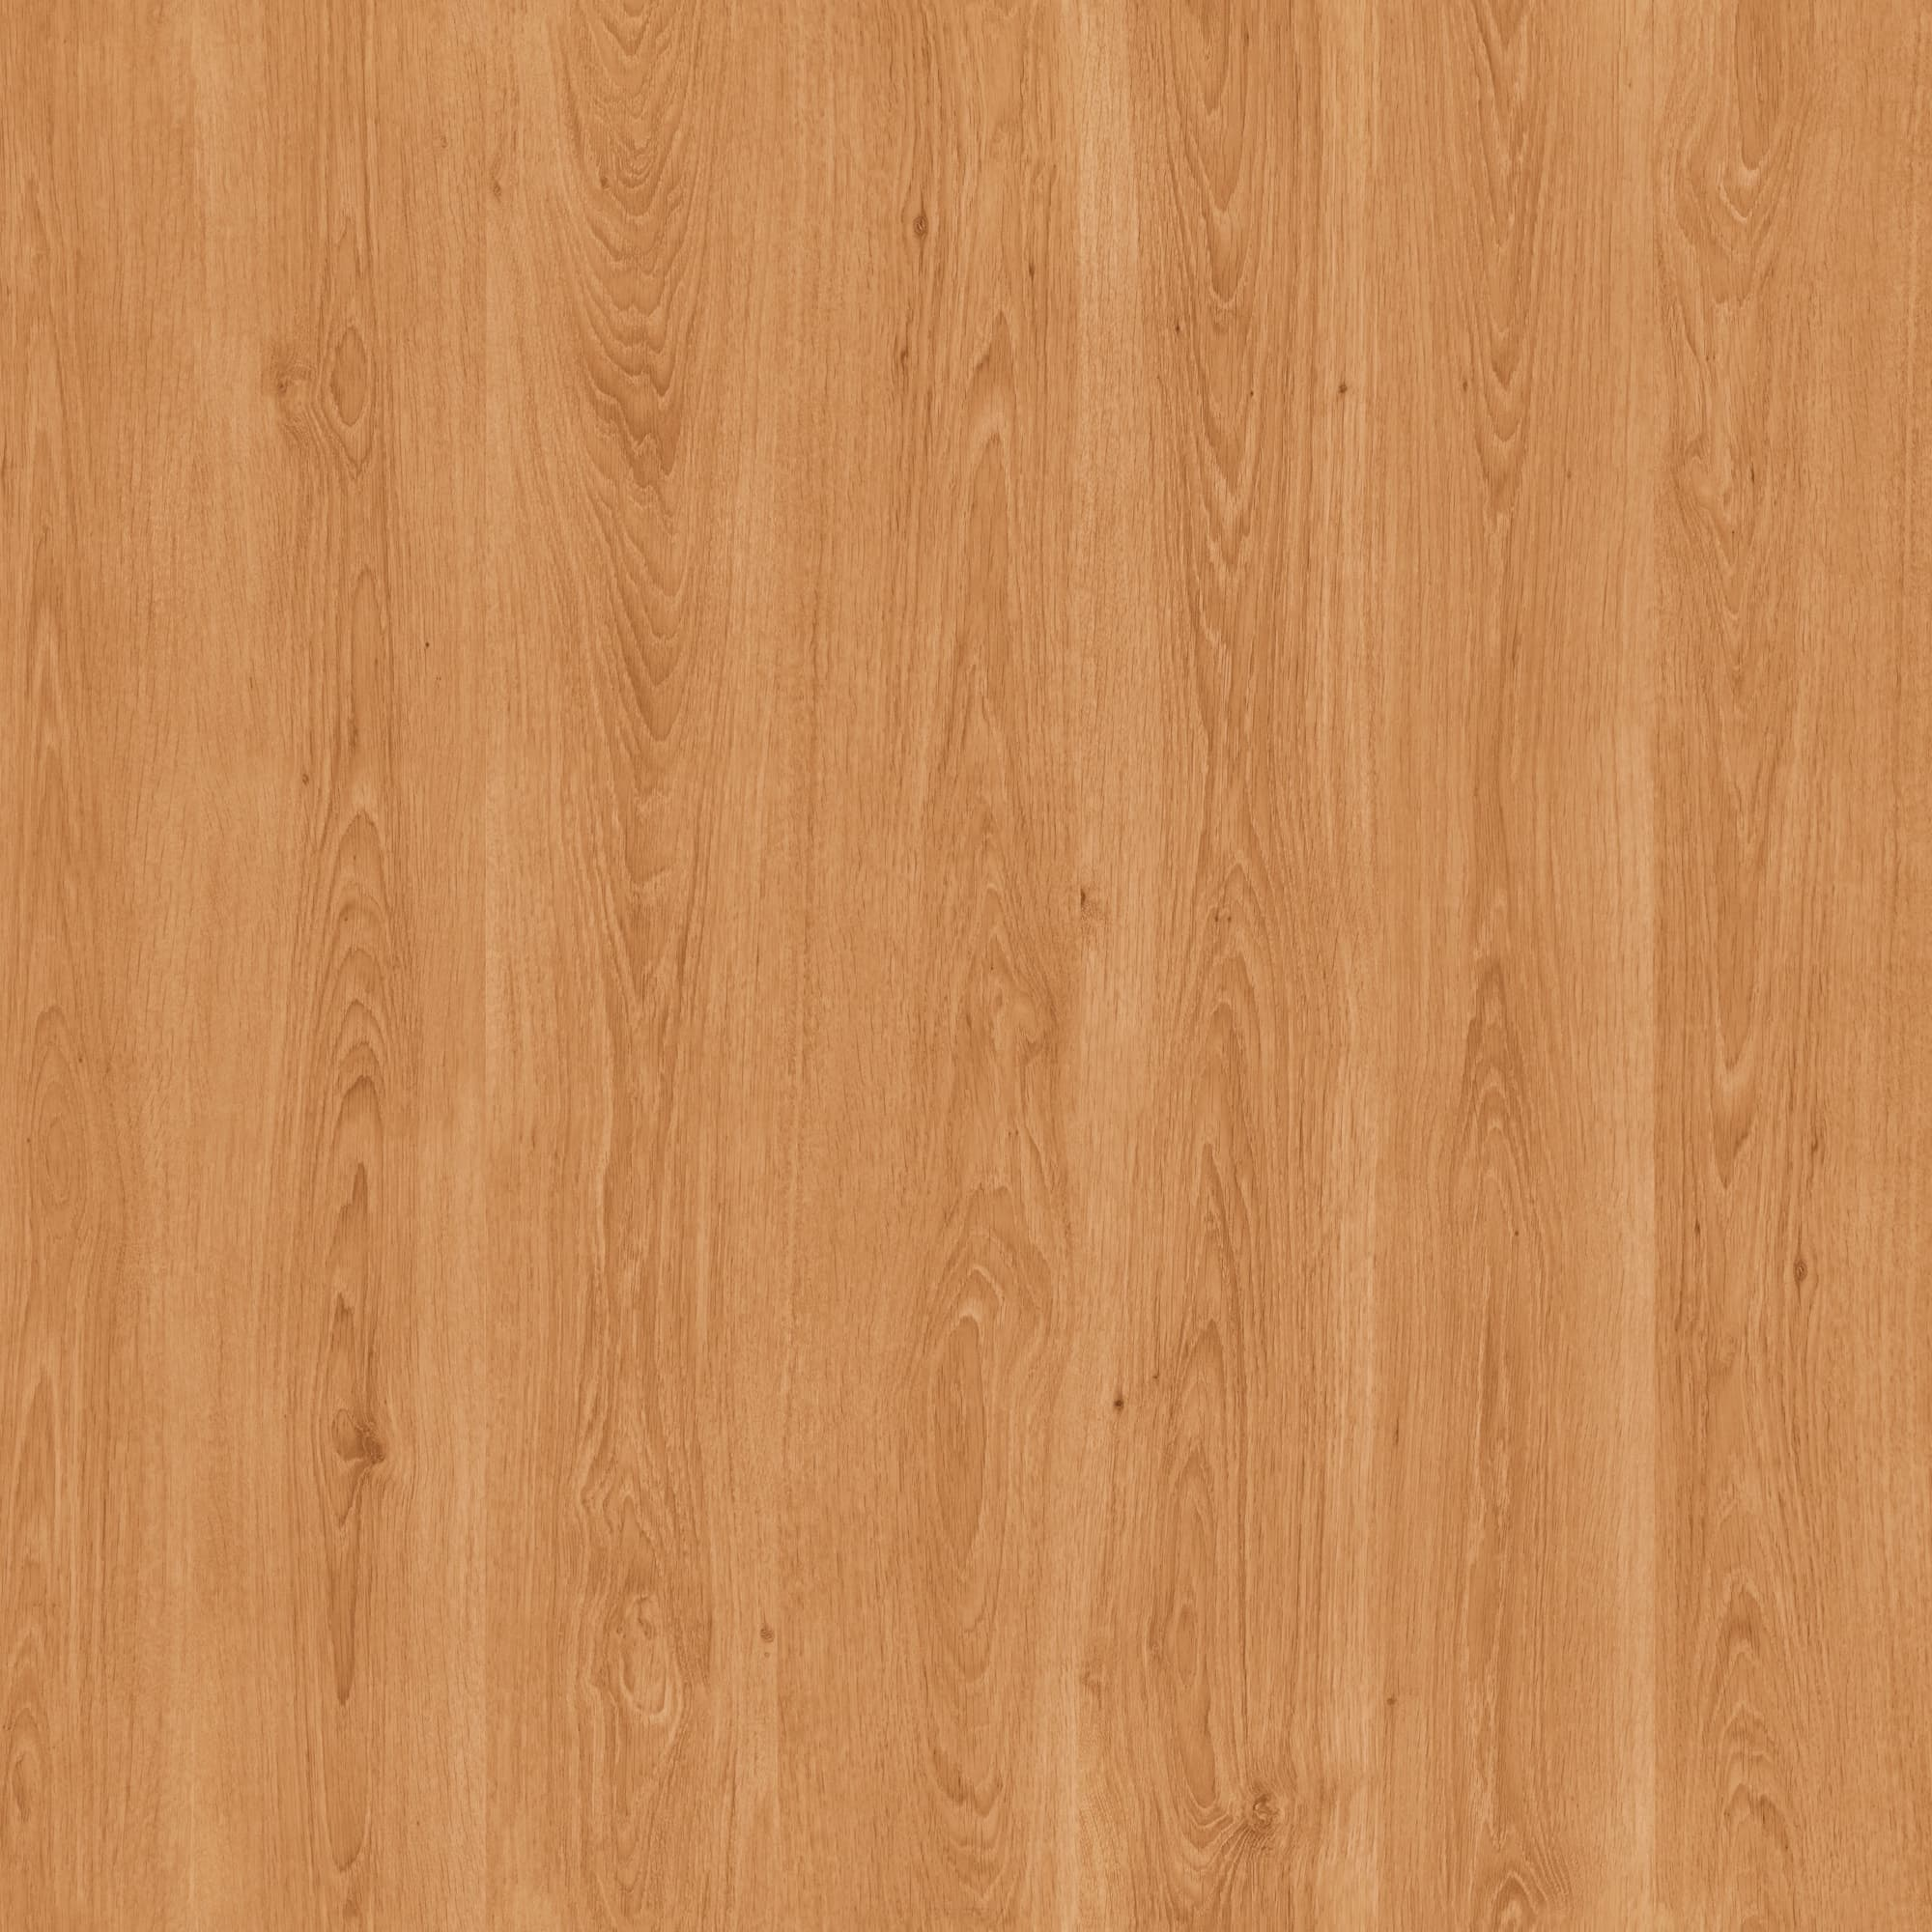 Имидж Мастер, Стол маникюрный Классика I с тумбой (16 цветов) Ольха имидж мастер стол маникюрный классика i с тумбой 16 цветов голубой